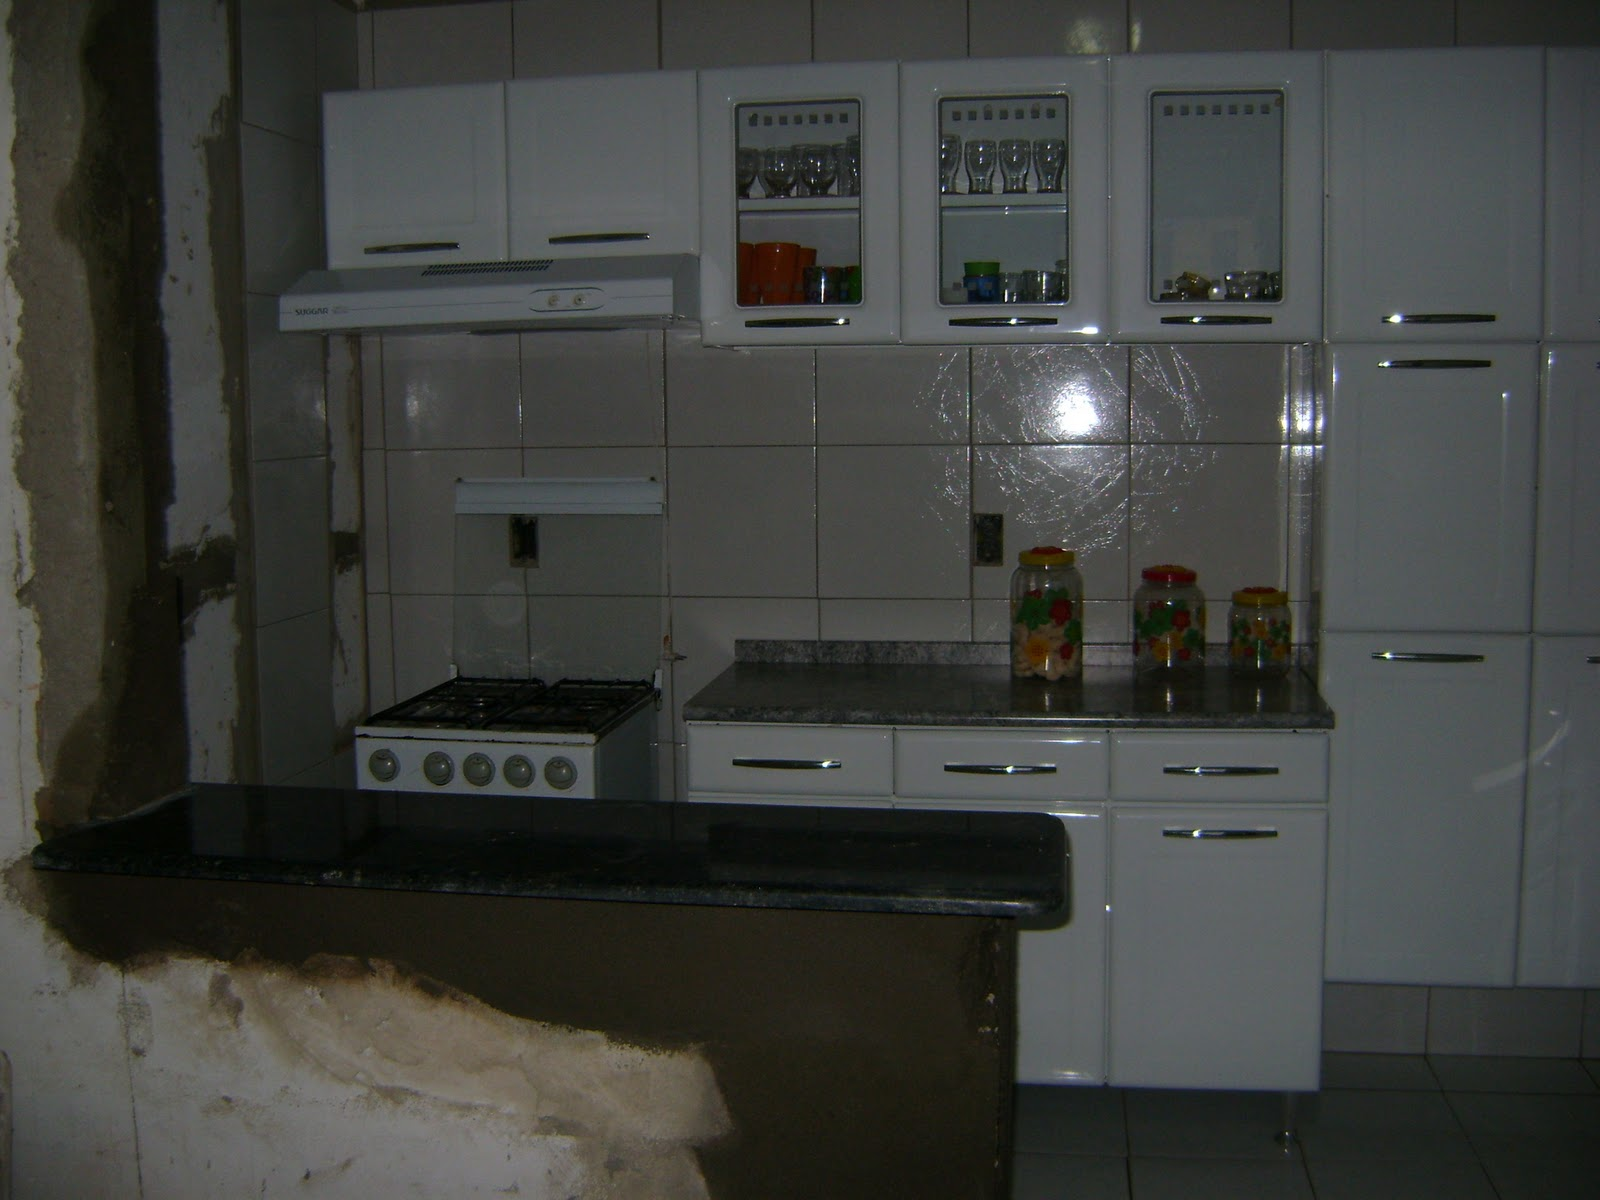 #555B76  posto a pedra no balcão que faz a divisão entre a cozinha e a sala 1600x1200 px Balcao De Pedra Cozinha Americana #1107 imagens